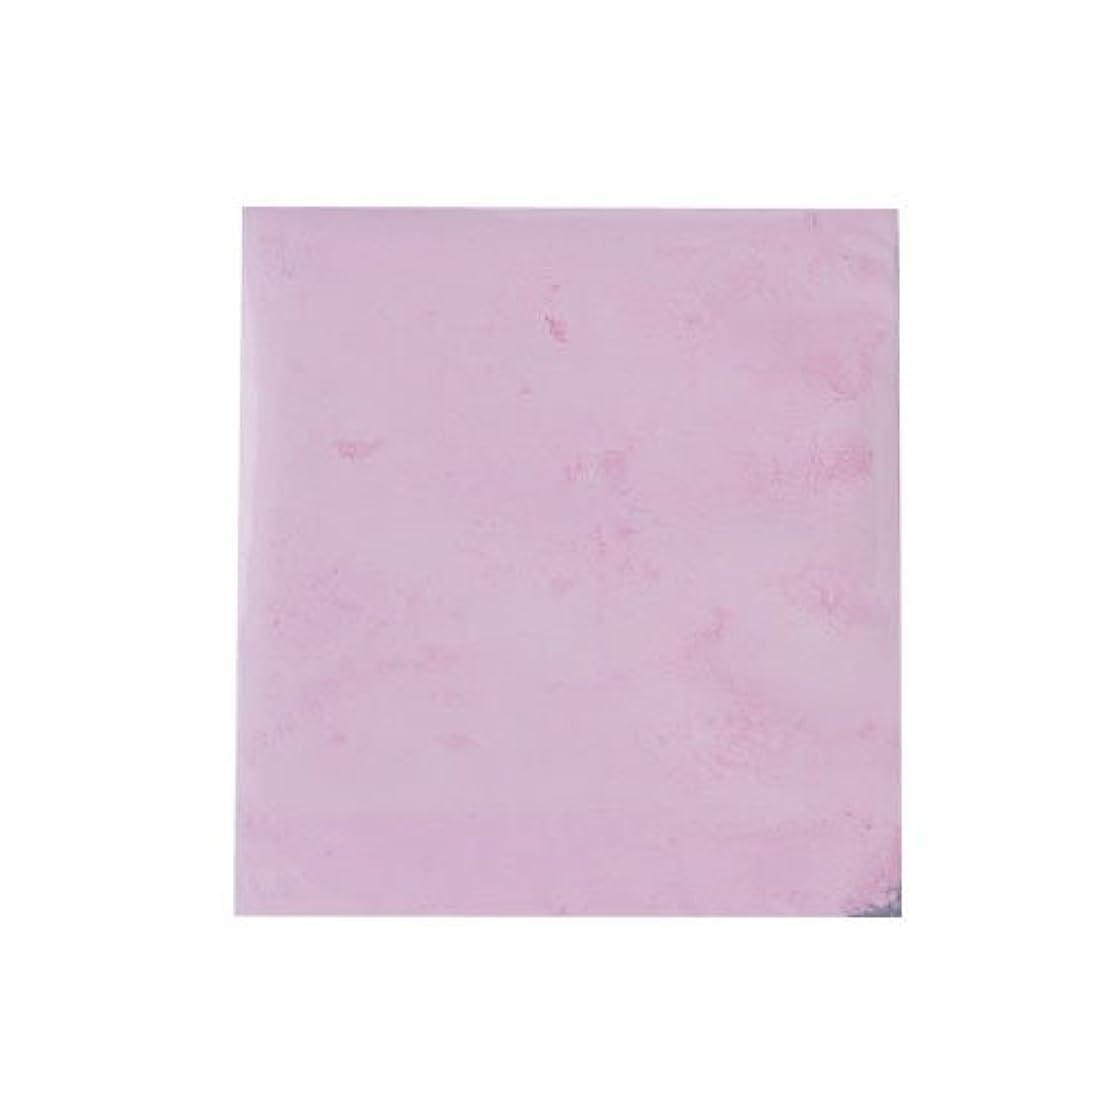 会計スラッシュここにピカエース ネイル用パウダー カラーパウダー 着色顔料 #724 ローズピンク 2g